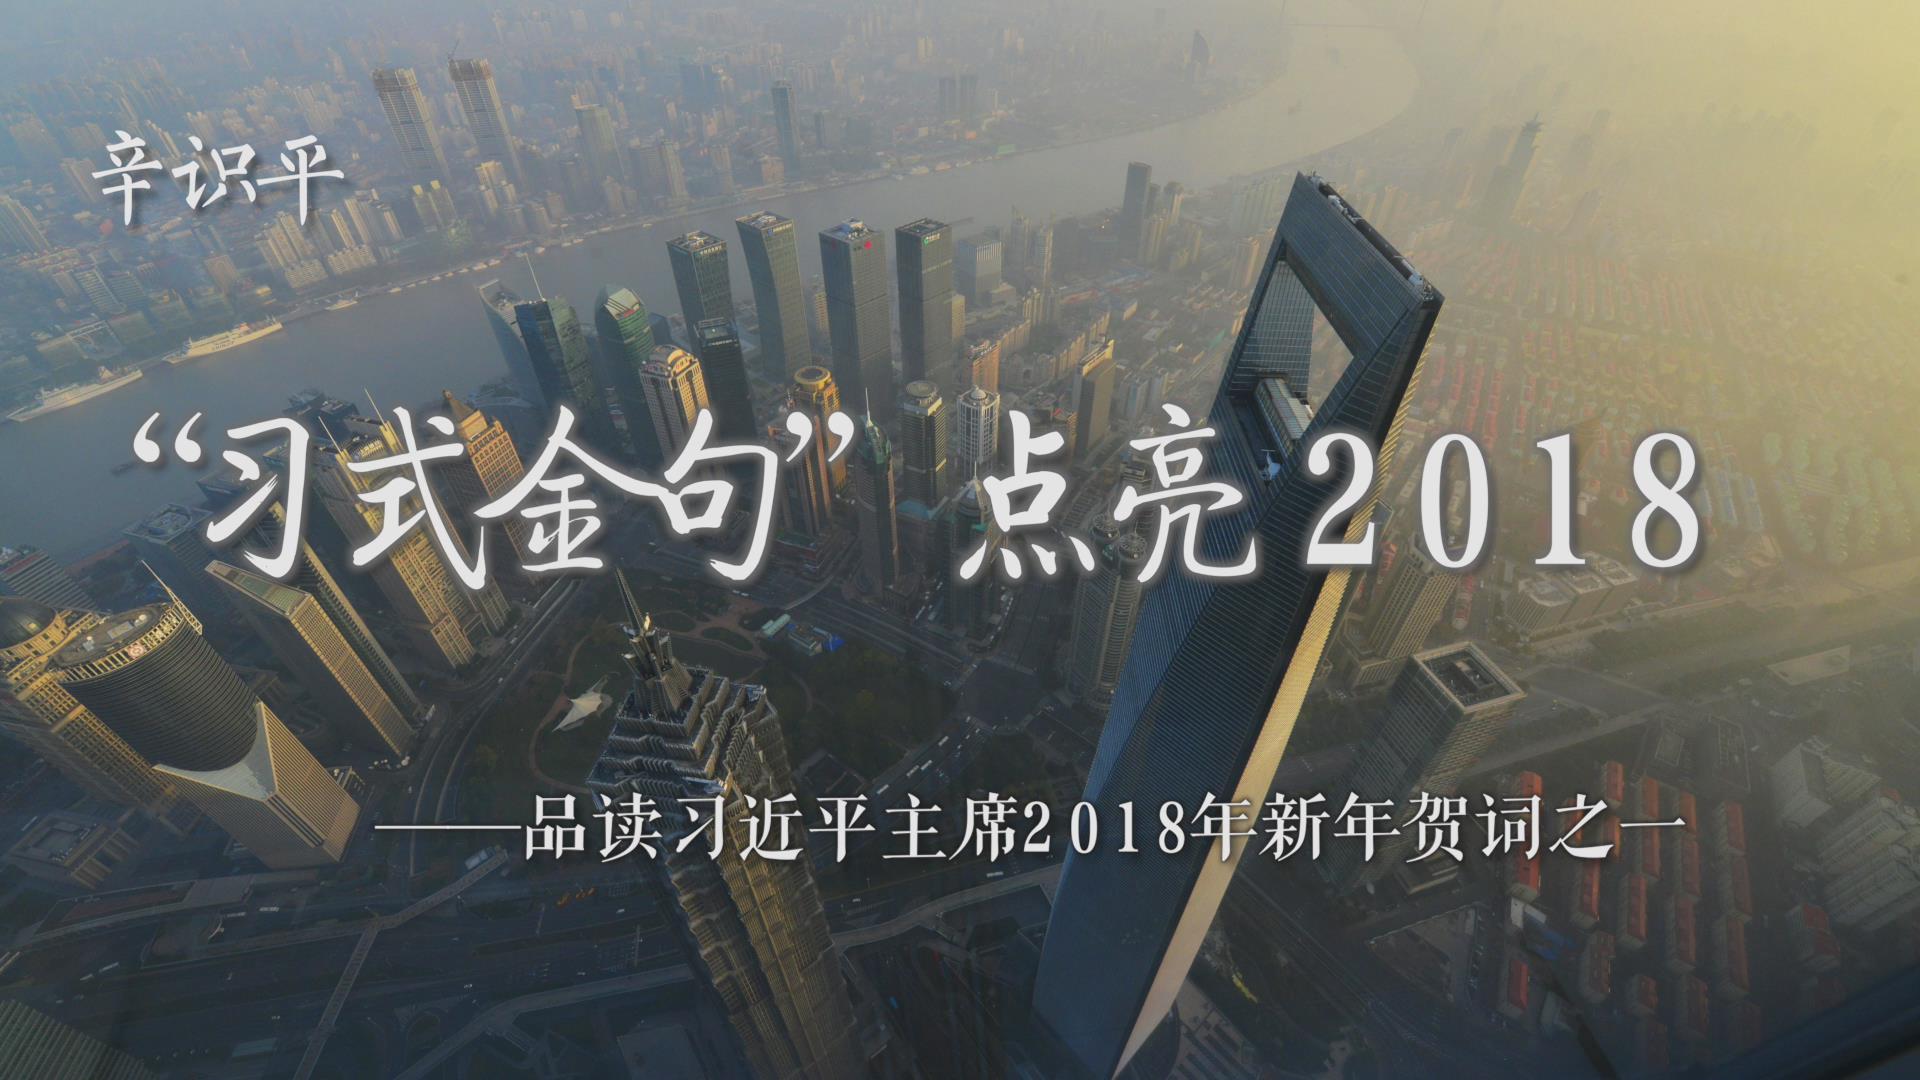 """辛识平:""""习式金句""""点亮2018——品读2018年新年贺词之一"""